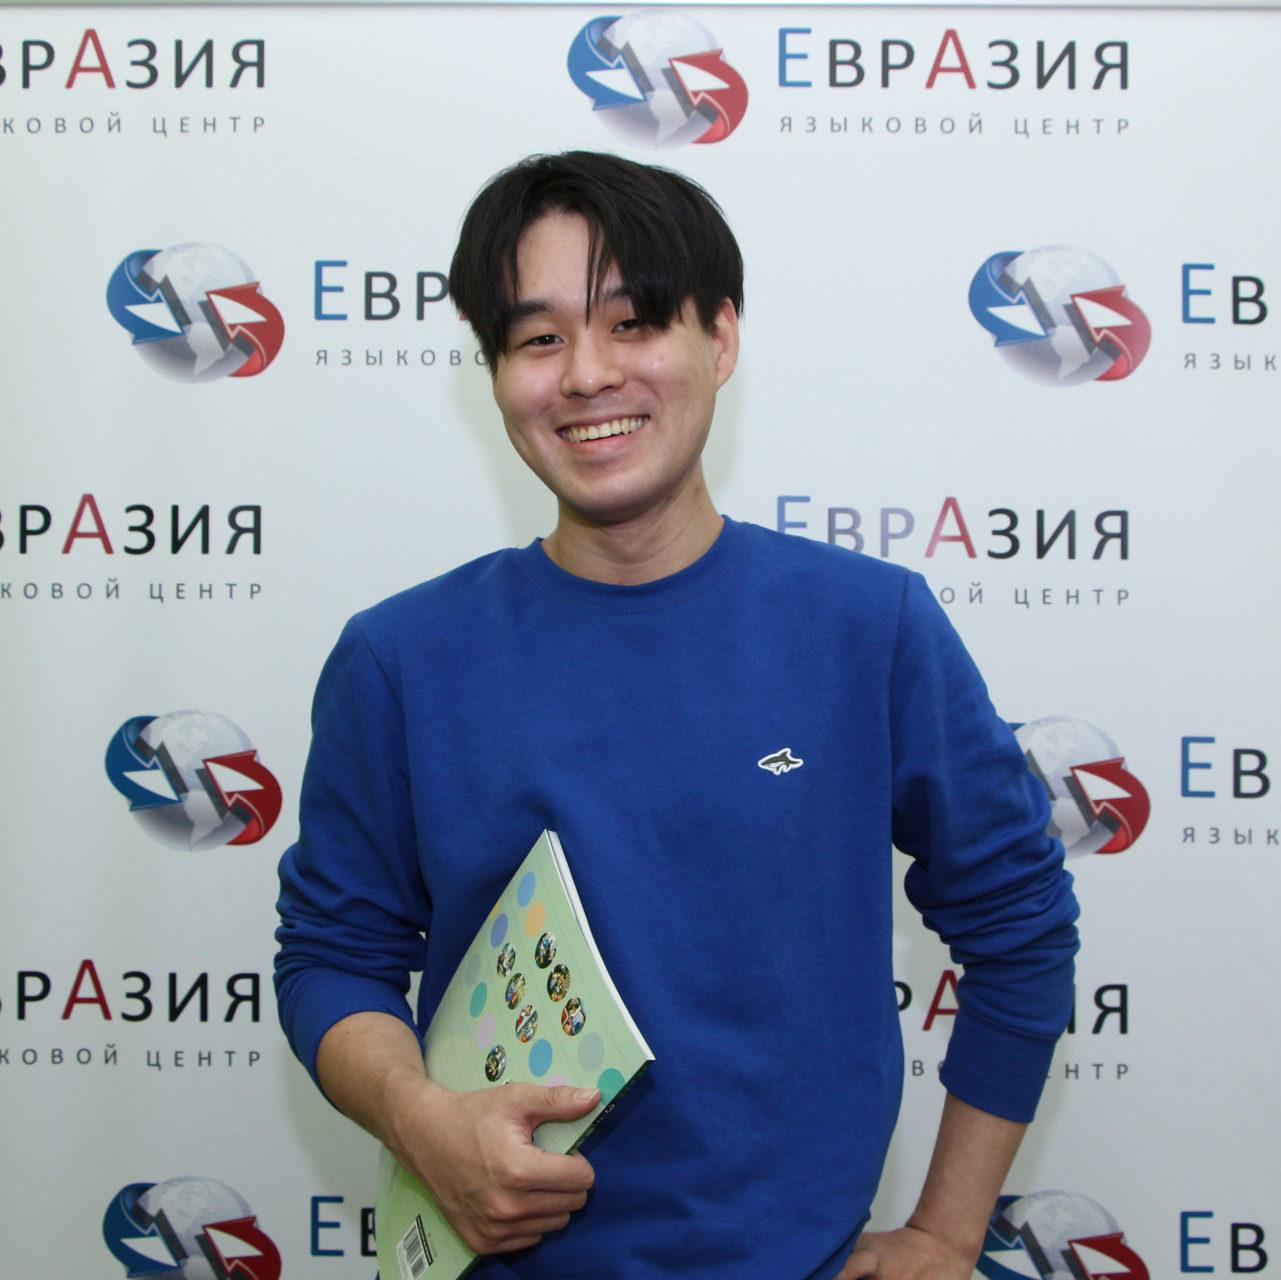 преподаватель корейского языка - Мин су